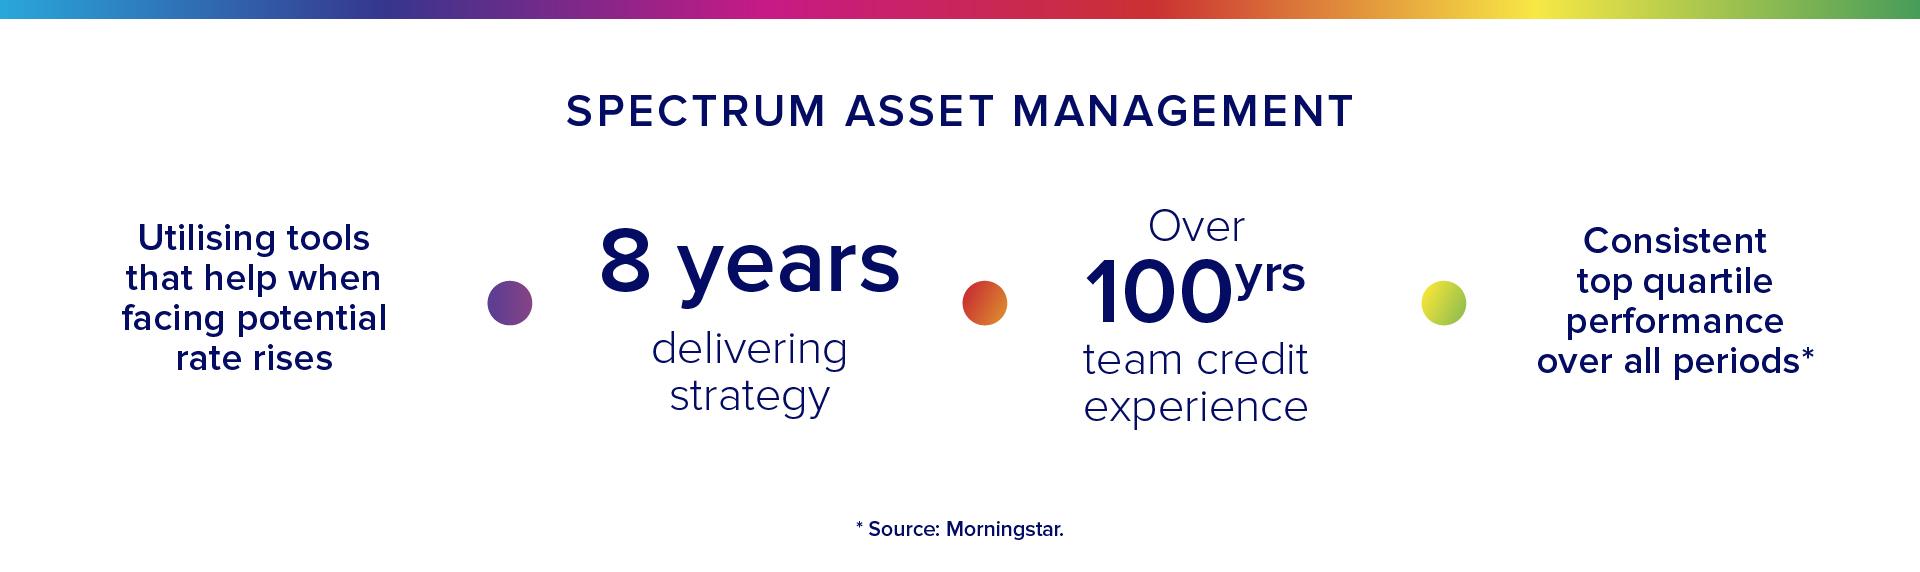 Spectrum Asset Management.jpg